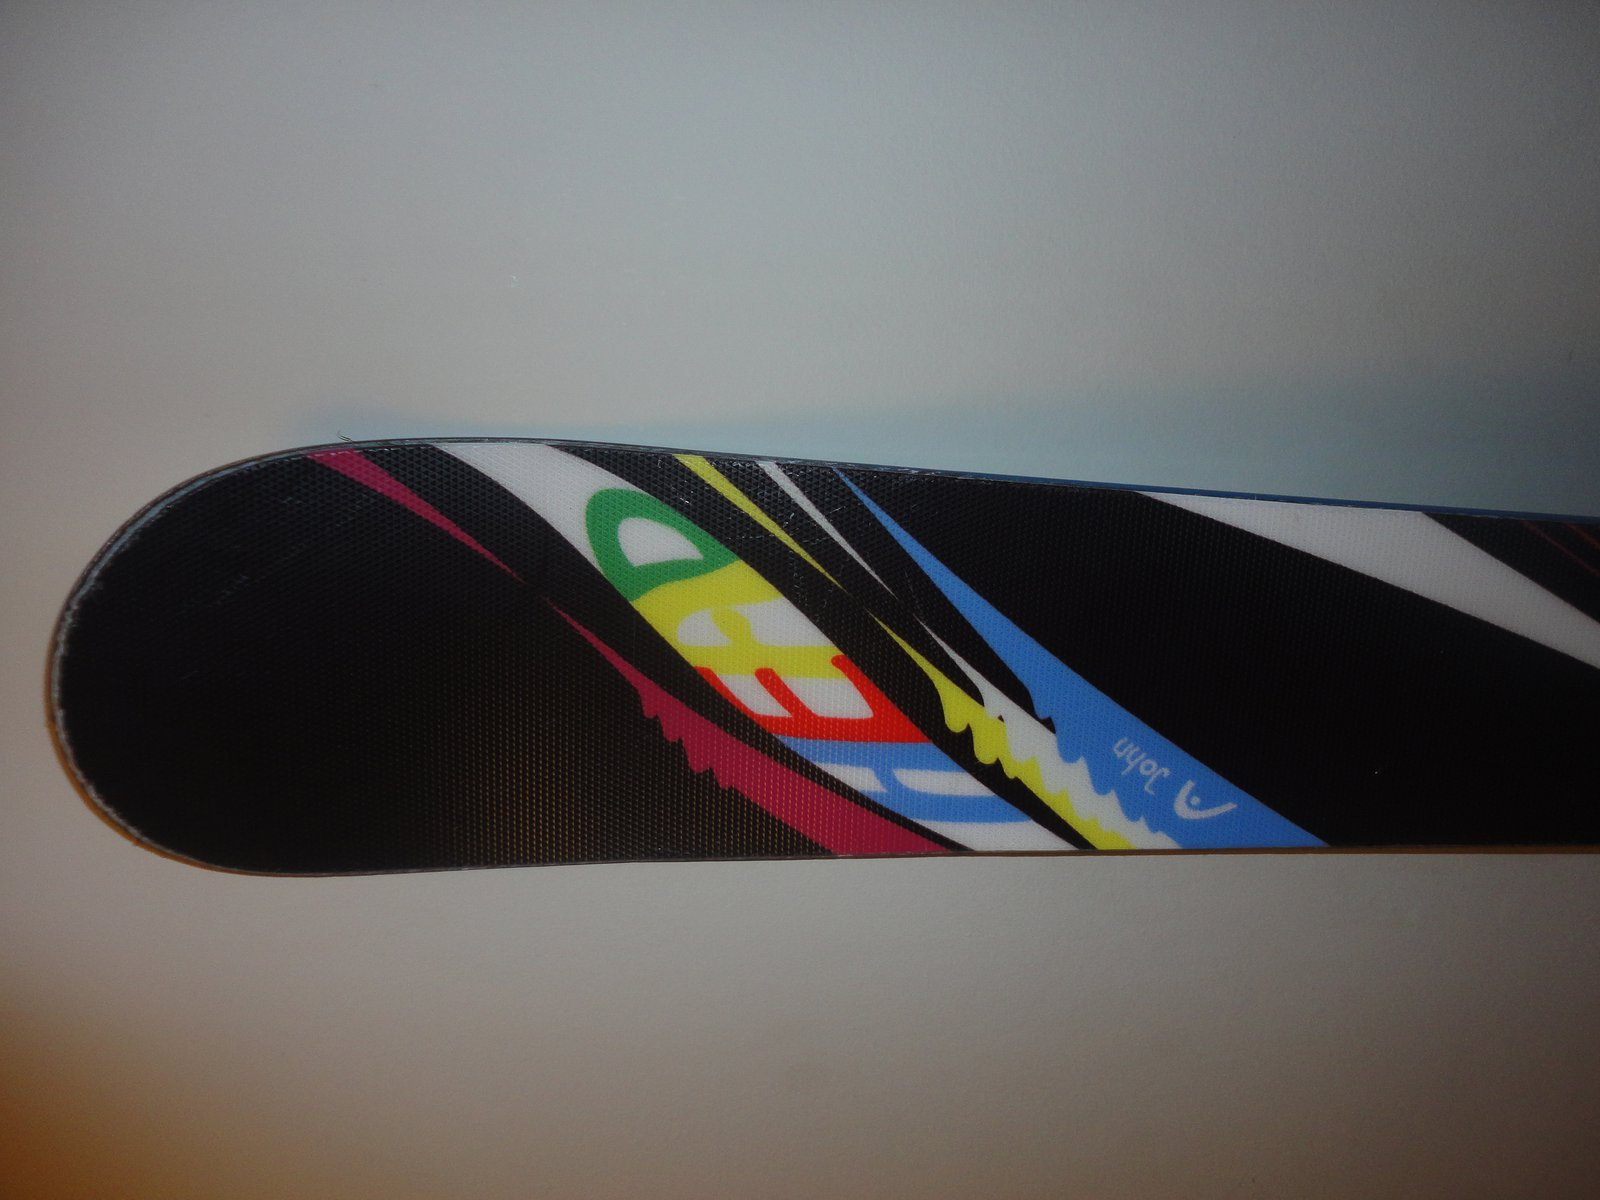 Top of ski